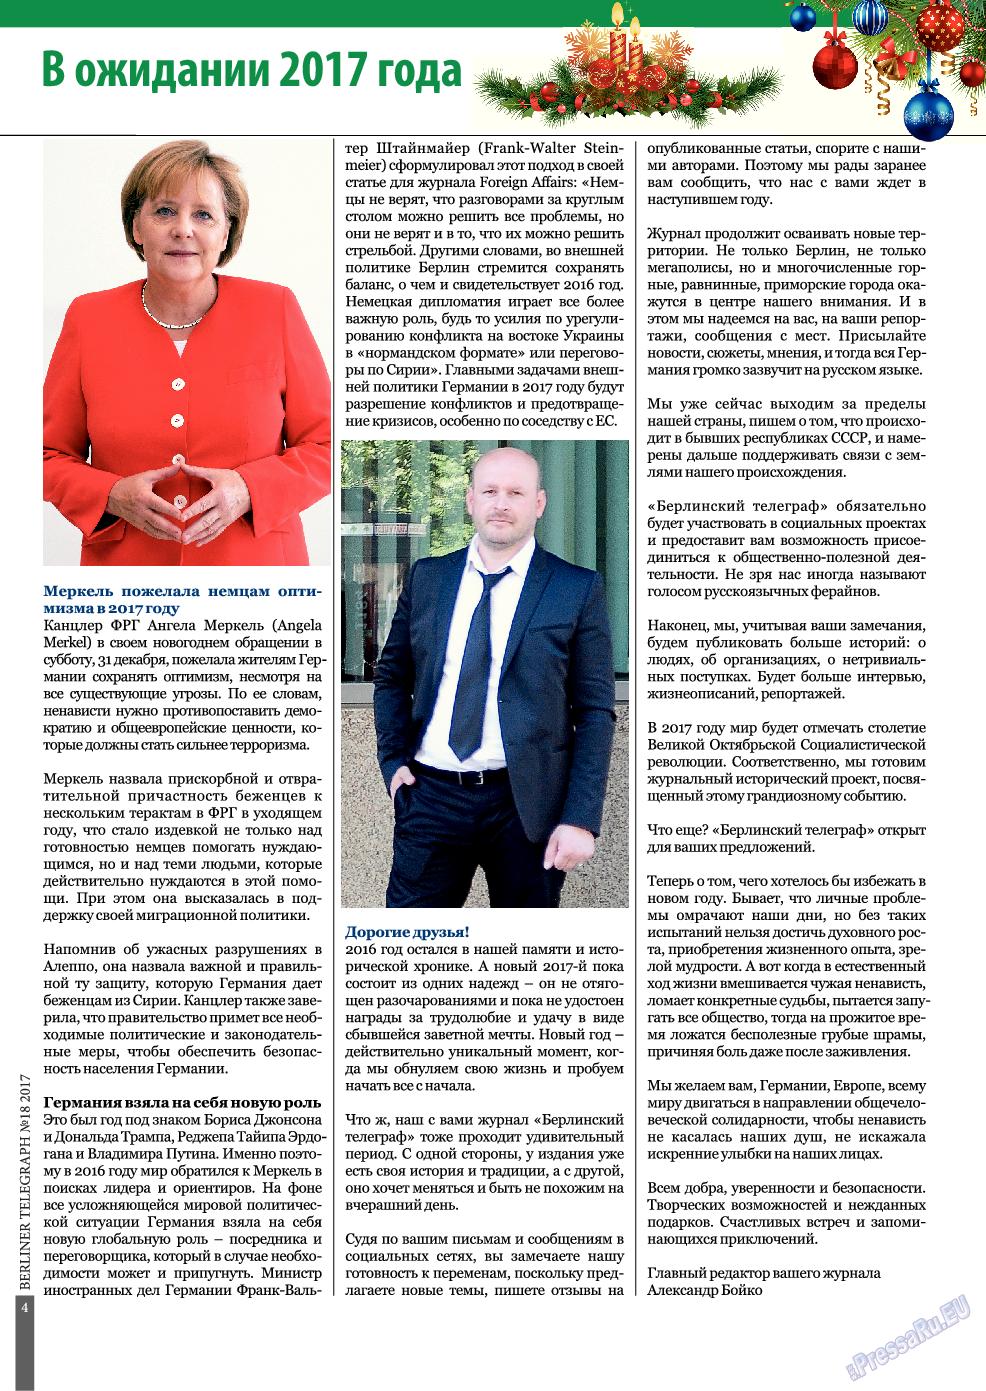 Берлинский телеграф (журнал). 2017 год, номер 18, стр. 4